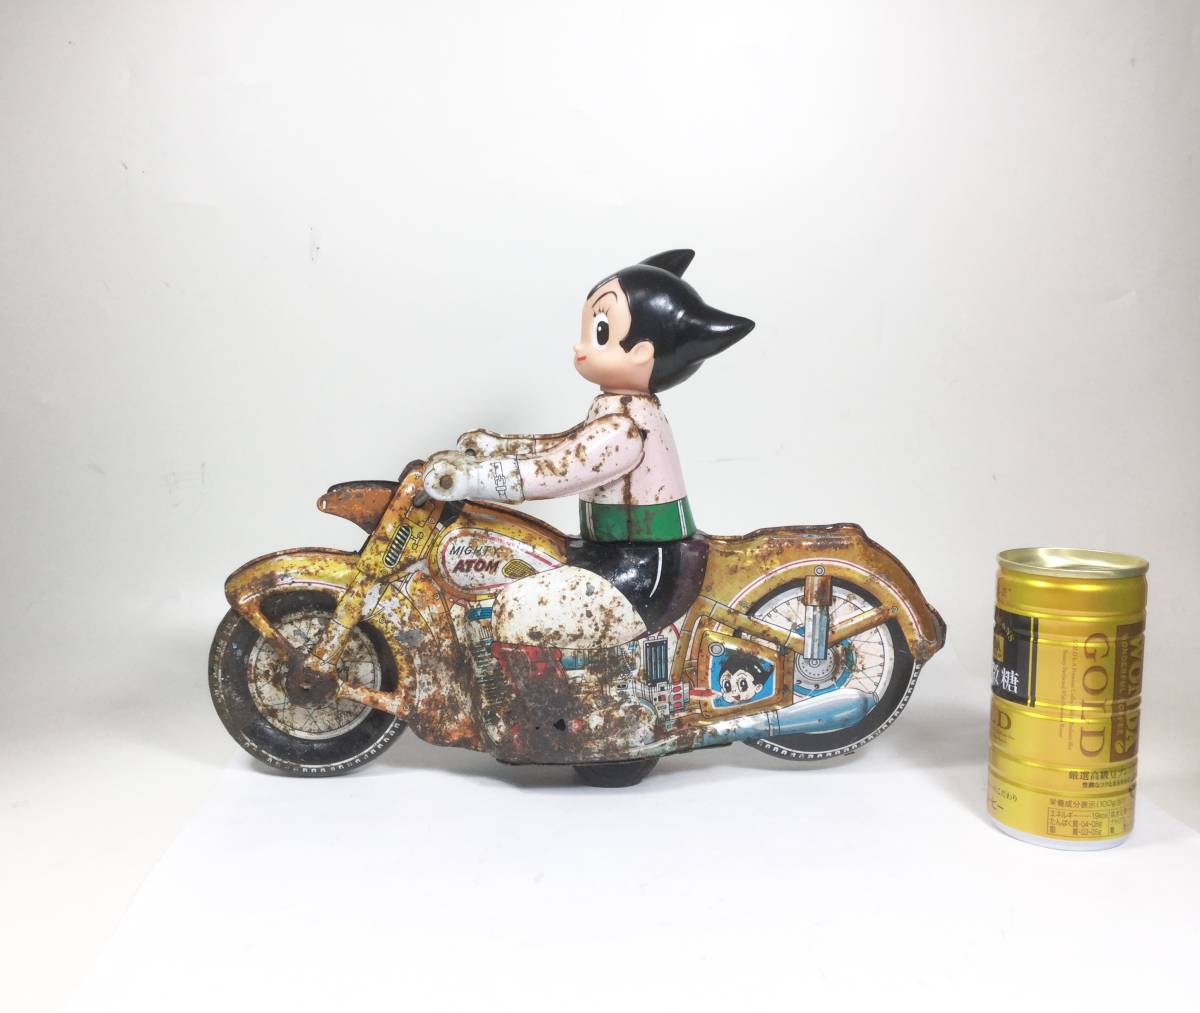 鉄腕アトム 浅草玩具 オートバイ 大型サイズ 1960年代 当時もの レトロ ビンテージ フリクション走行 バイク 虫プロ _画像3